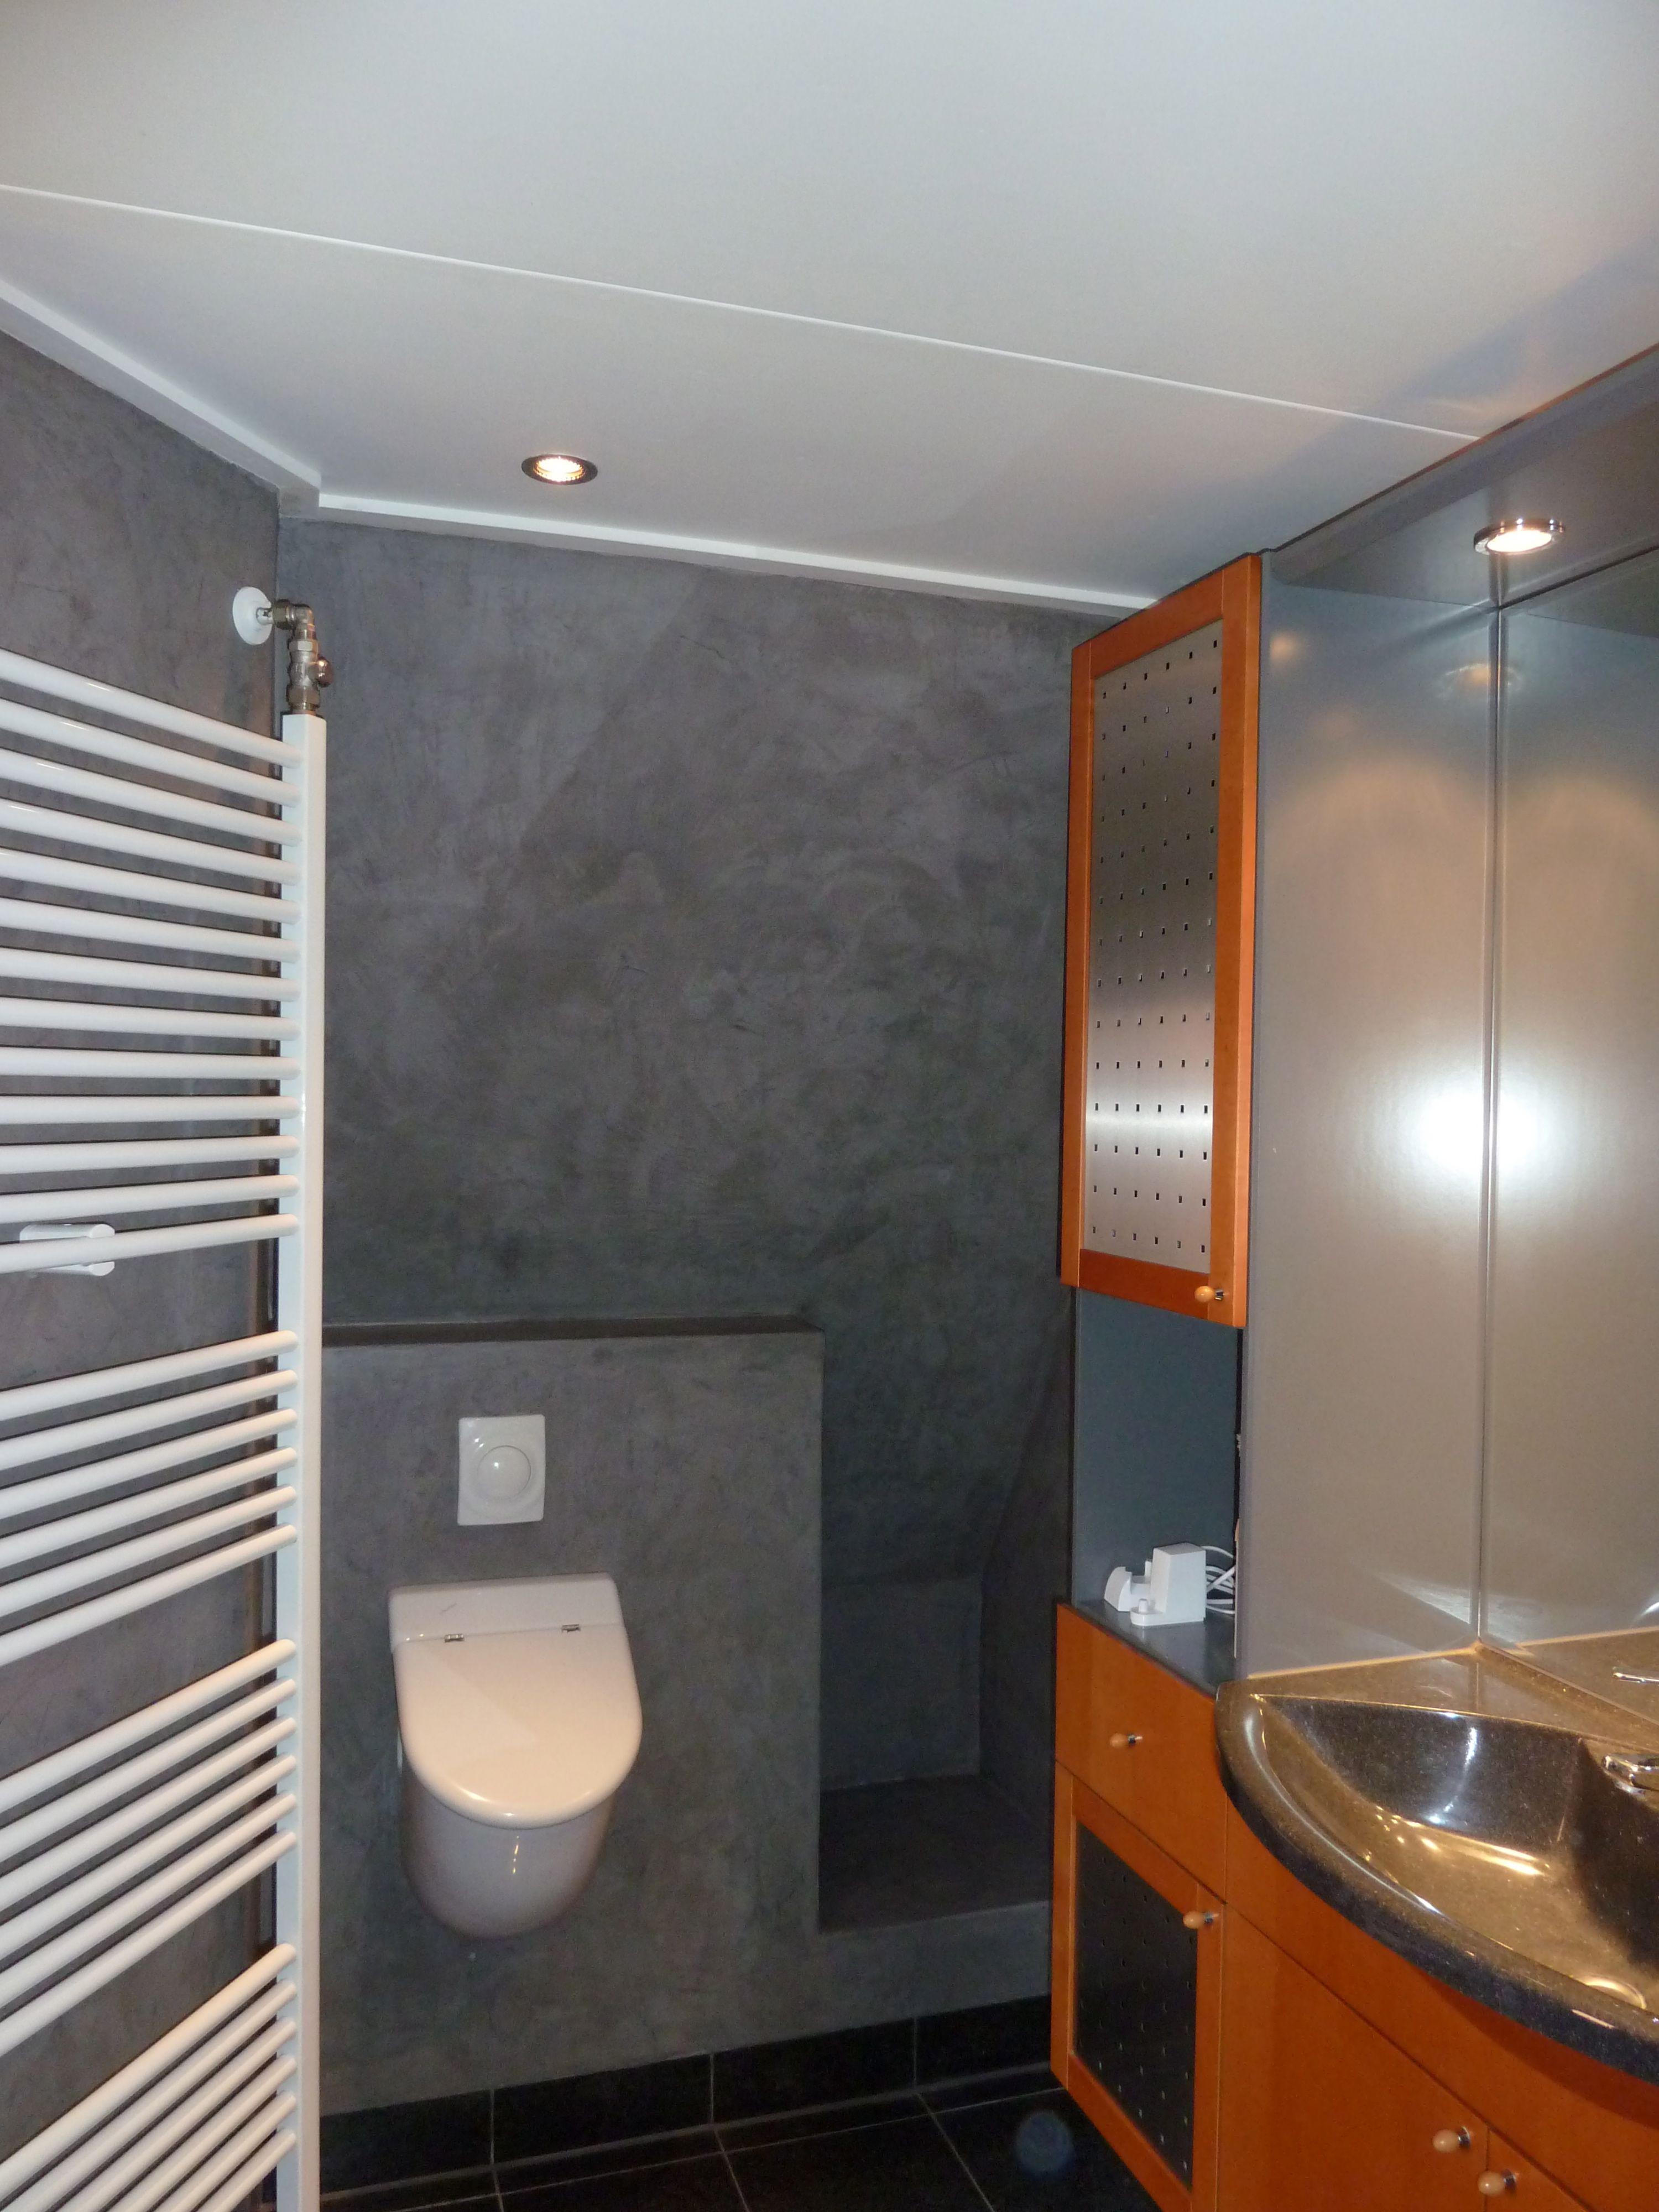 Badkamer afwerking met microcement direct over tegels slecht betegeld erg ongelijk zie ook - Badkamer betegeld ...